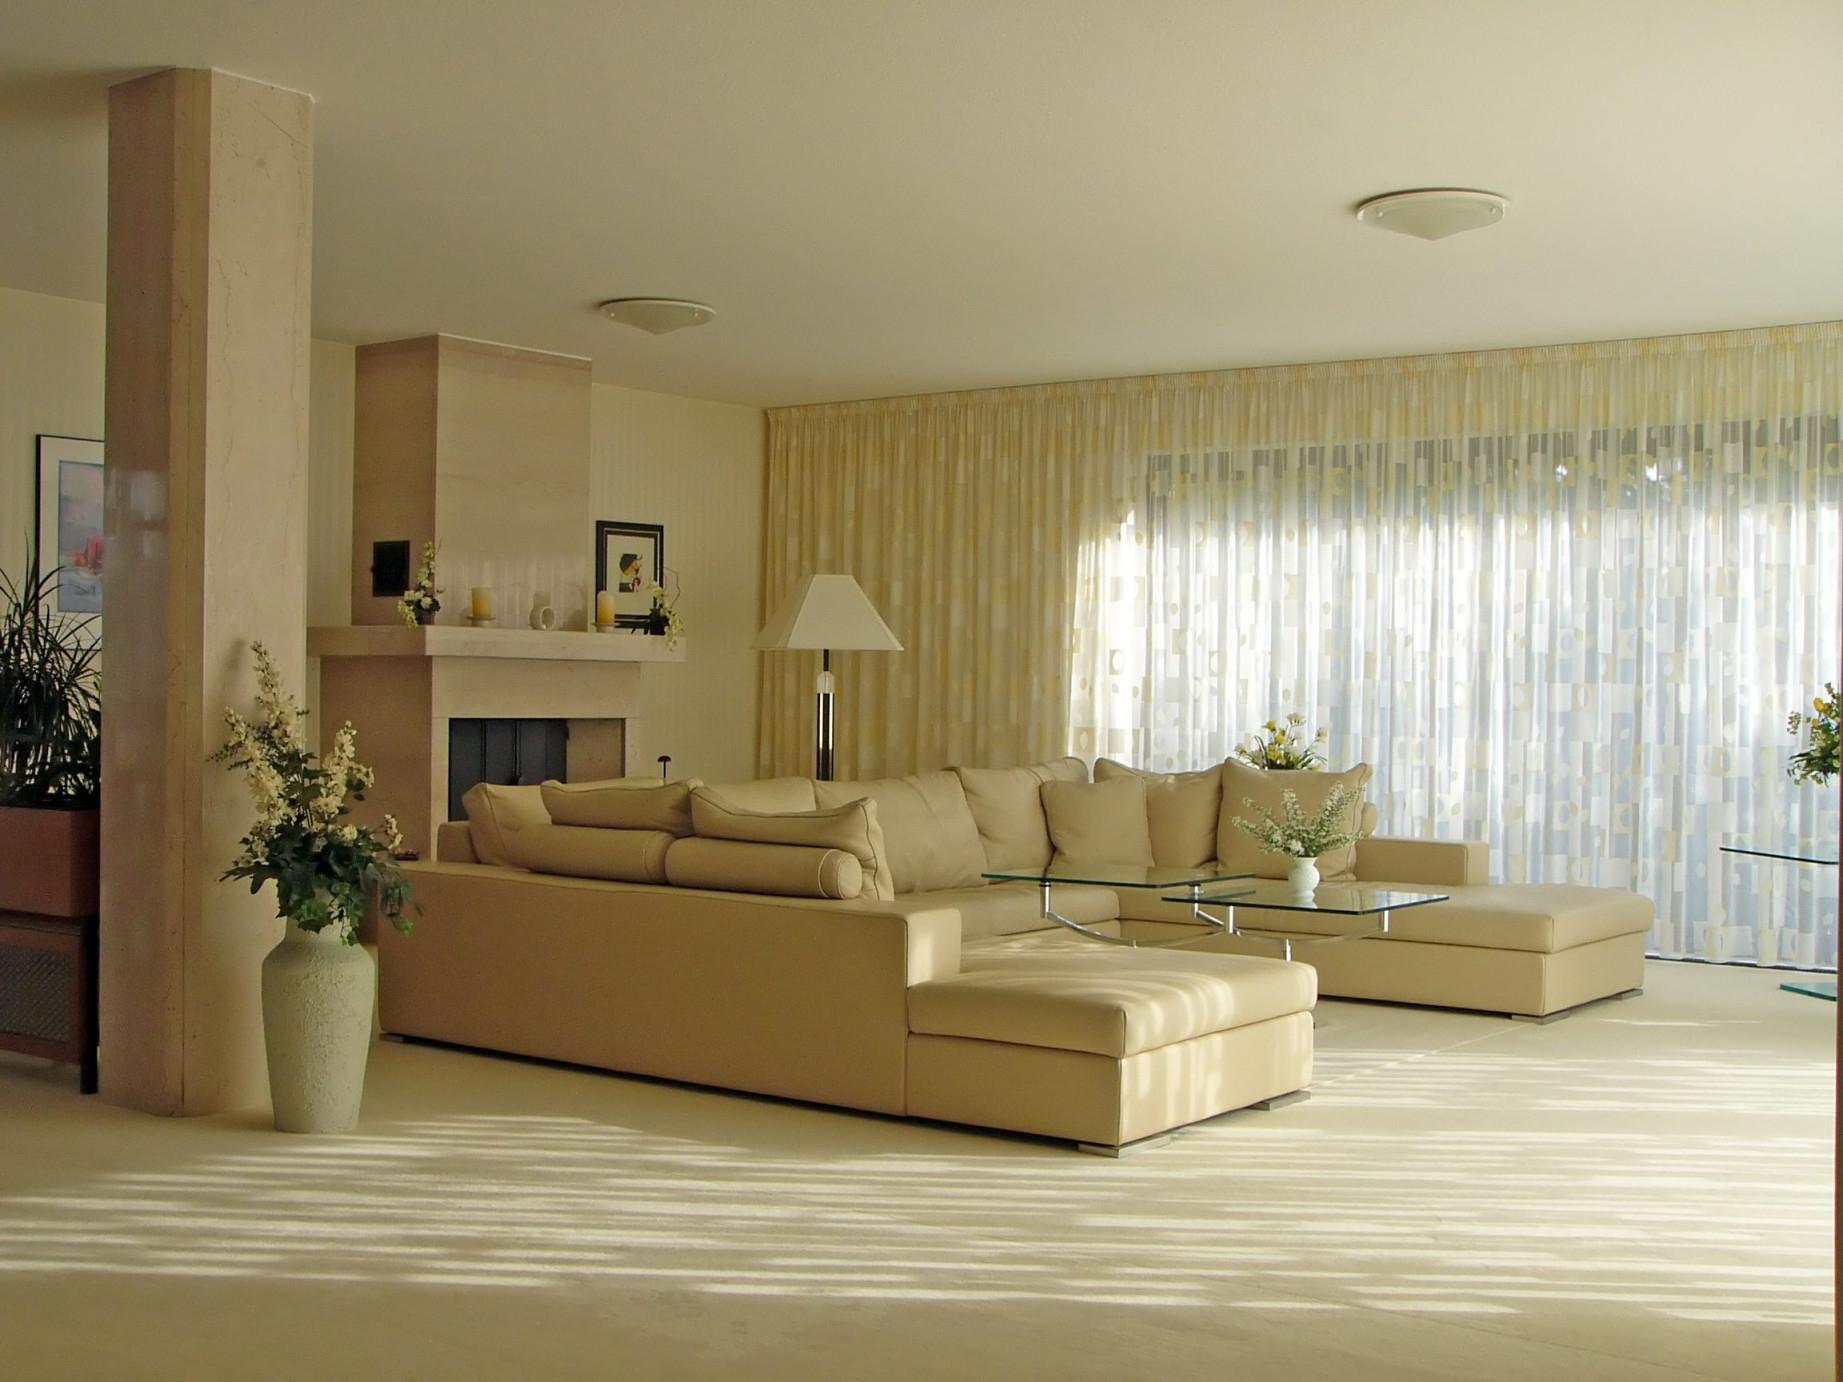 Ein Luxuswohnzimmer Einrichten – Ideen Und Tipps  Luxus von Luxus Wohnzimmer Ideen Photo